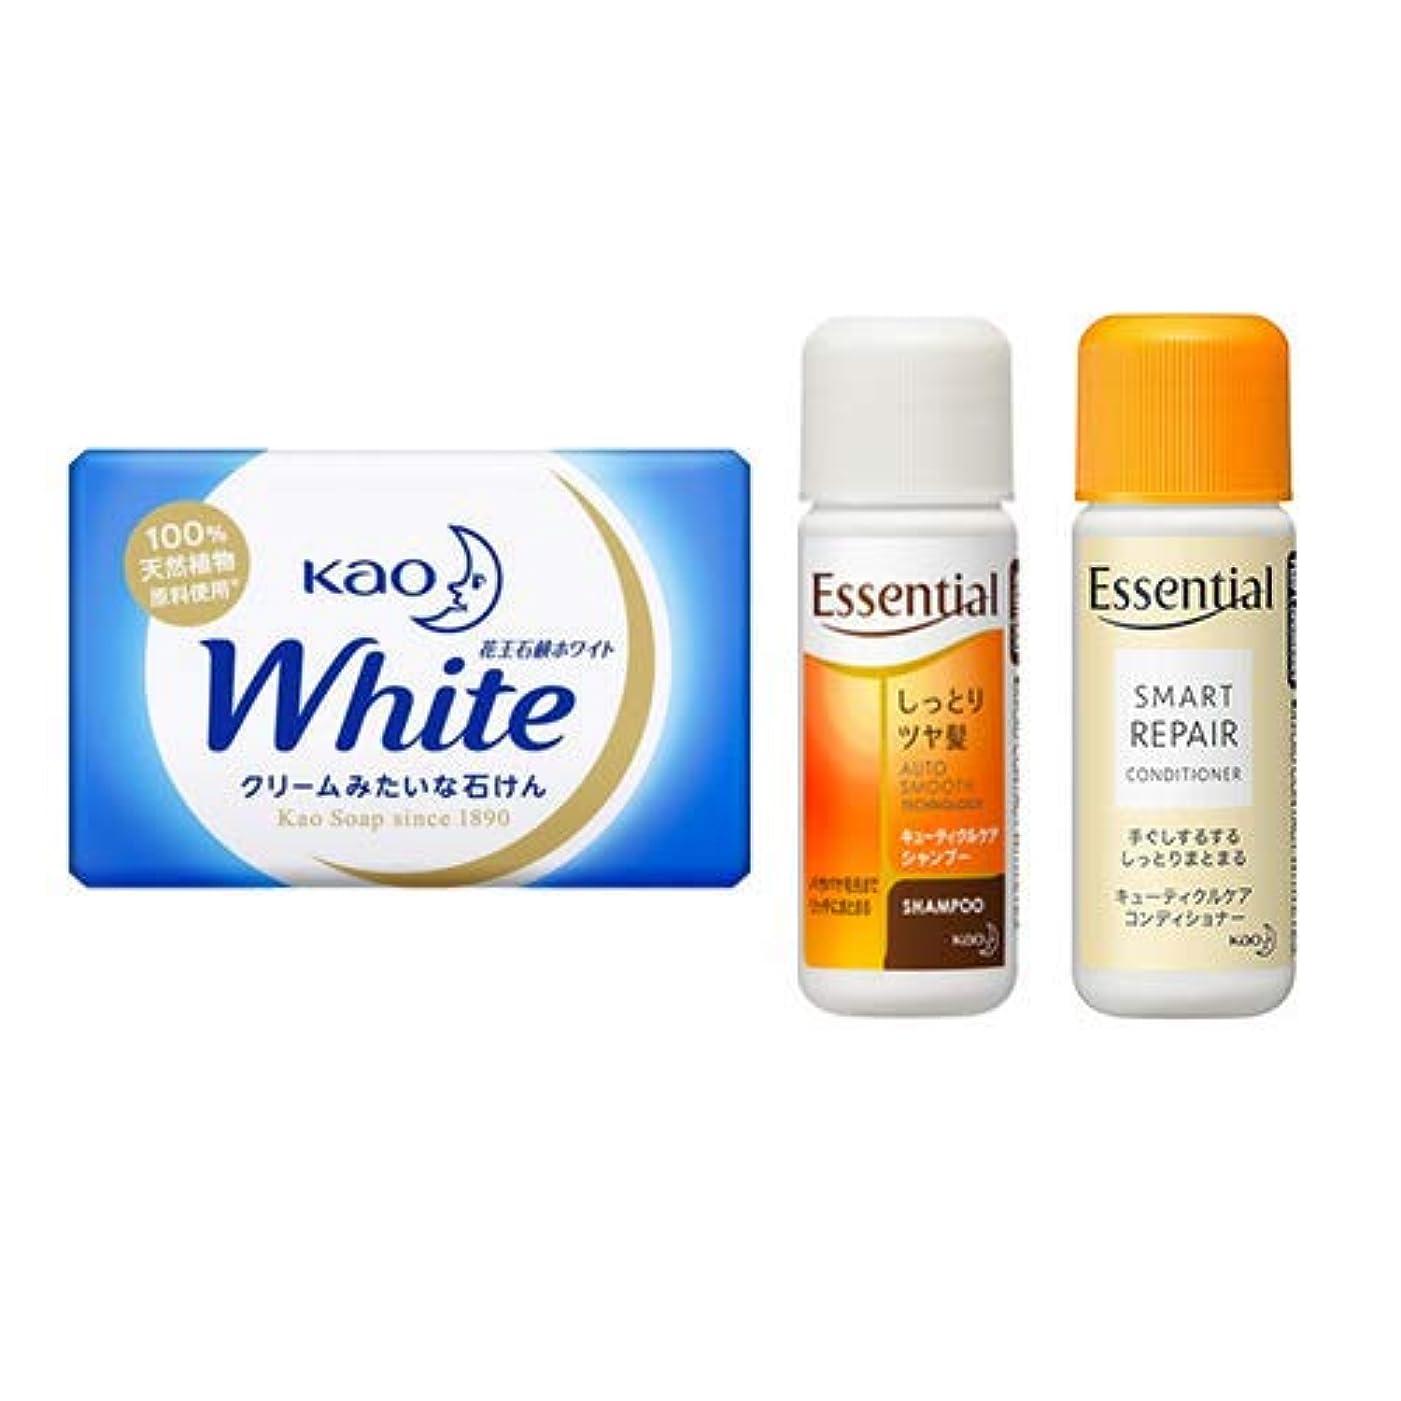 お手入れラボやけど花王(KAO) 石鹸ホワイト(Kao Soap White) 15g + エッセンシャルシャンプー 16ml + コンディショナー 16ml セット